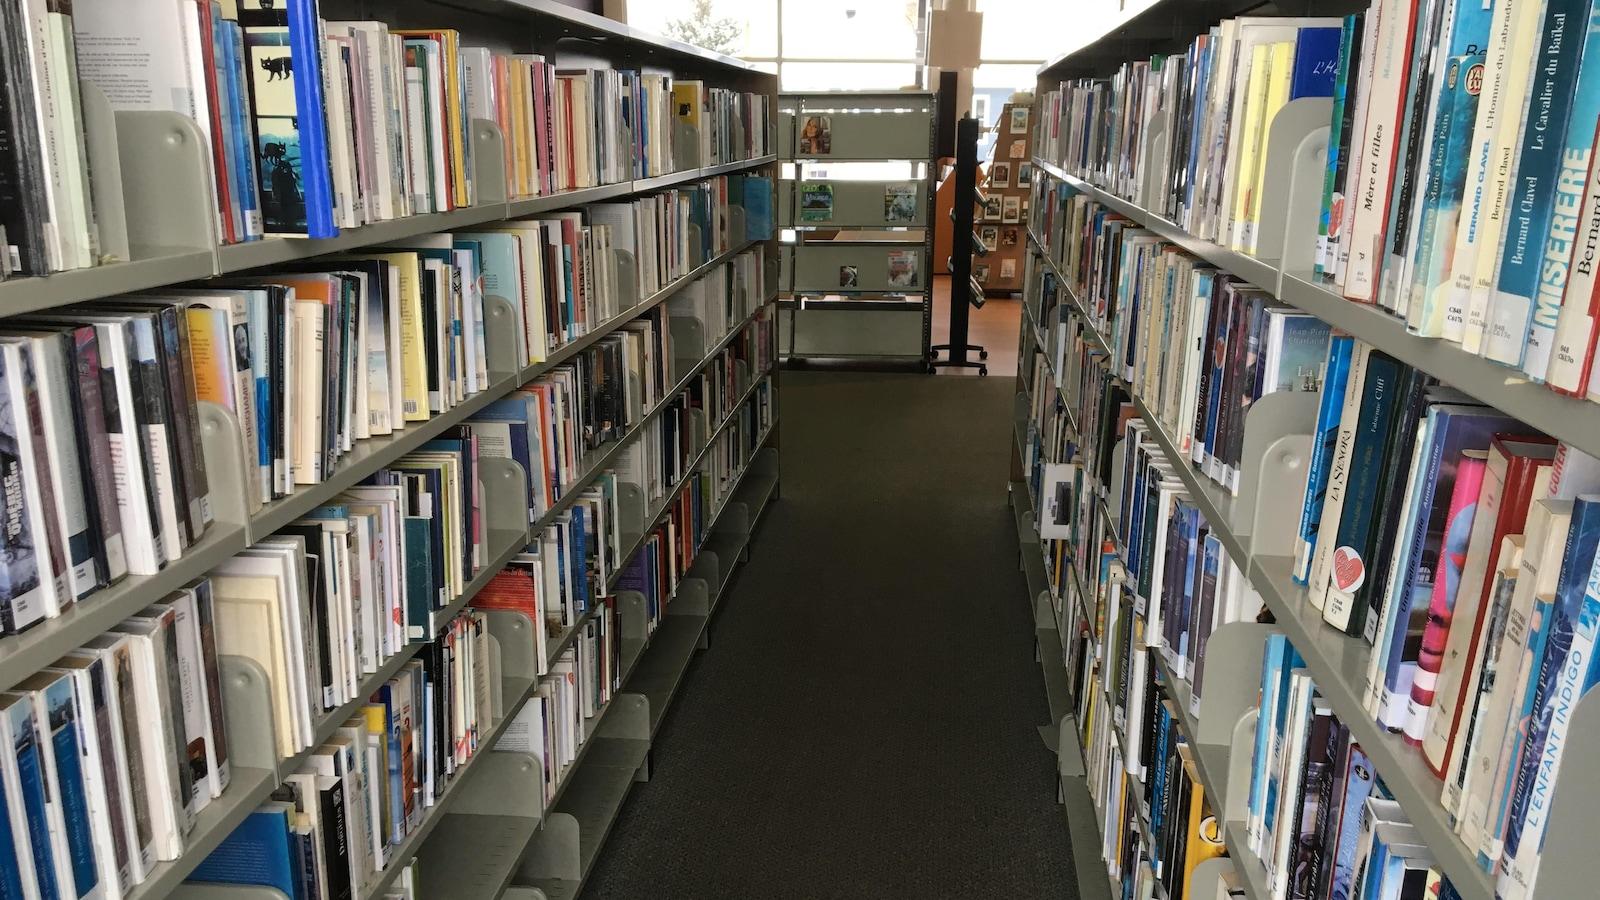 Une rangée de livres dans une bibliothèque.